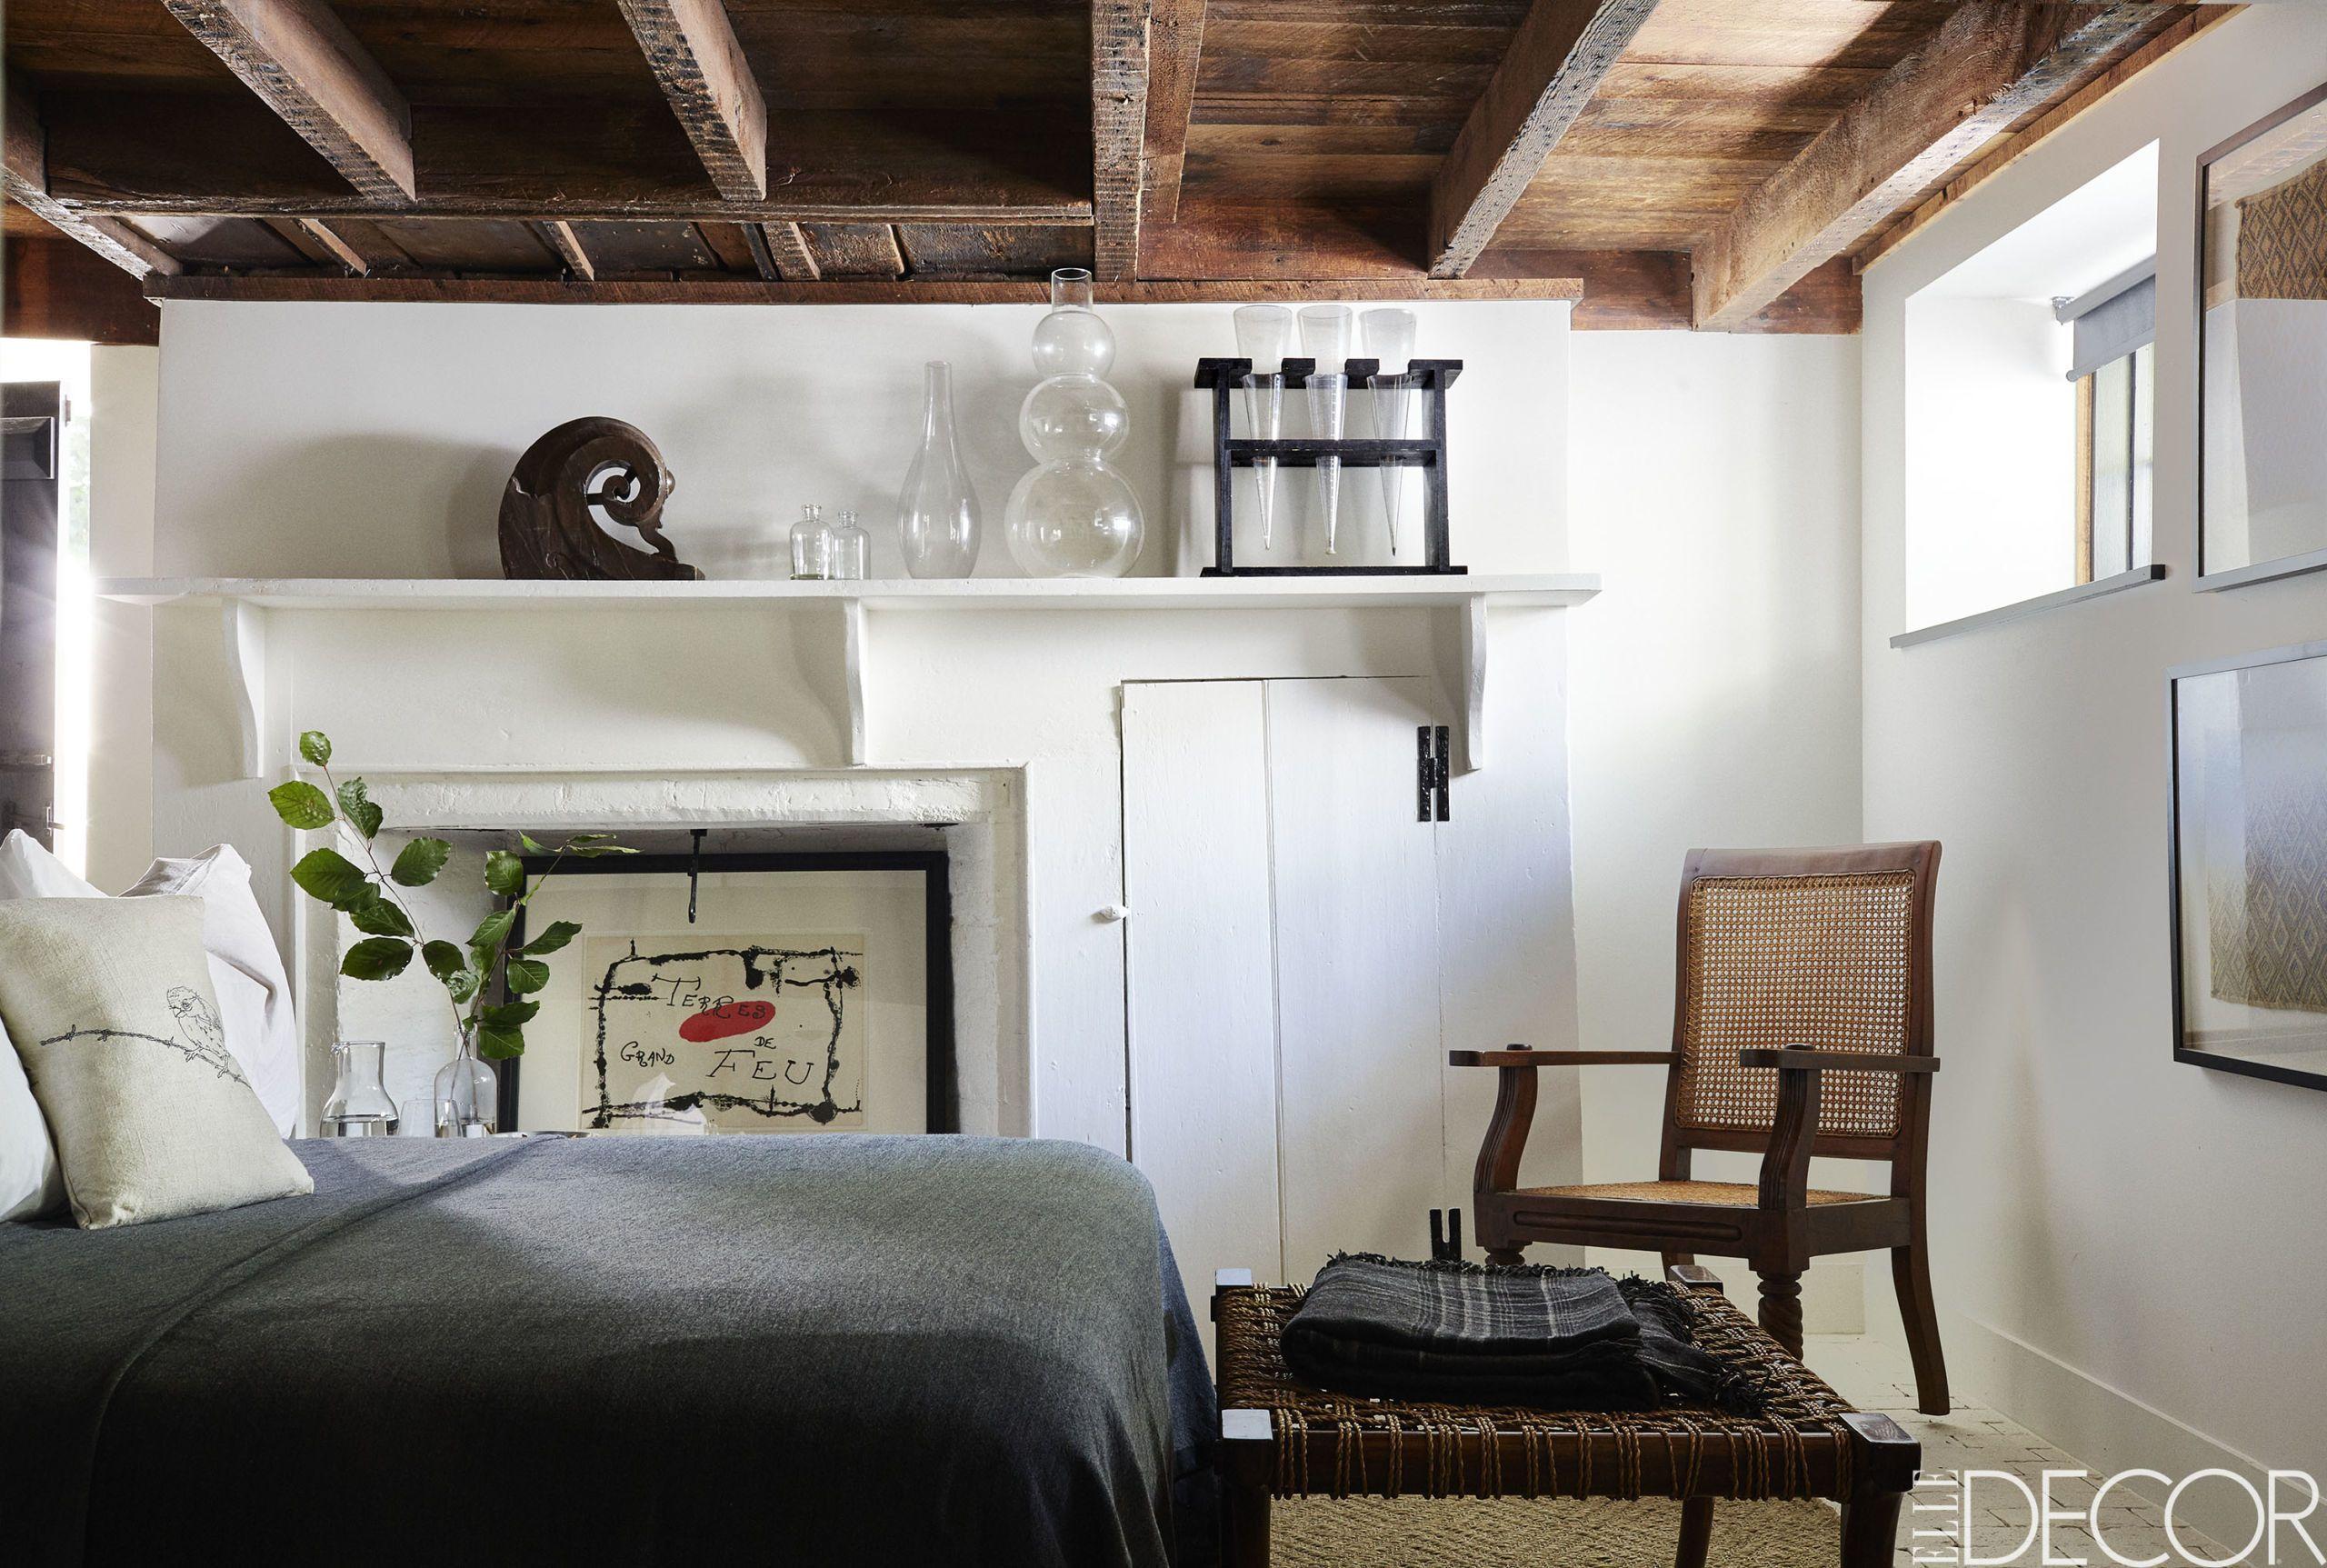 43 Small Bedroom Design Ideas - Small Bedroom Decorating Tips JYDERLI